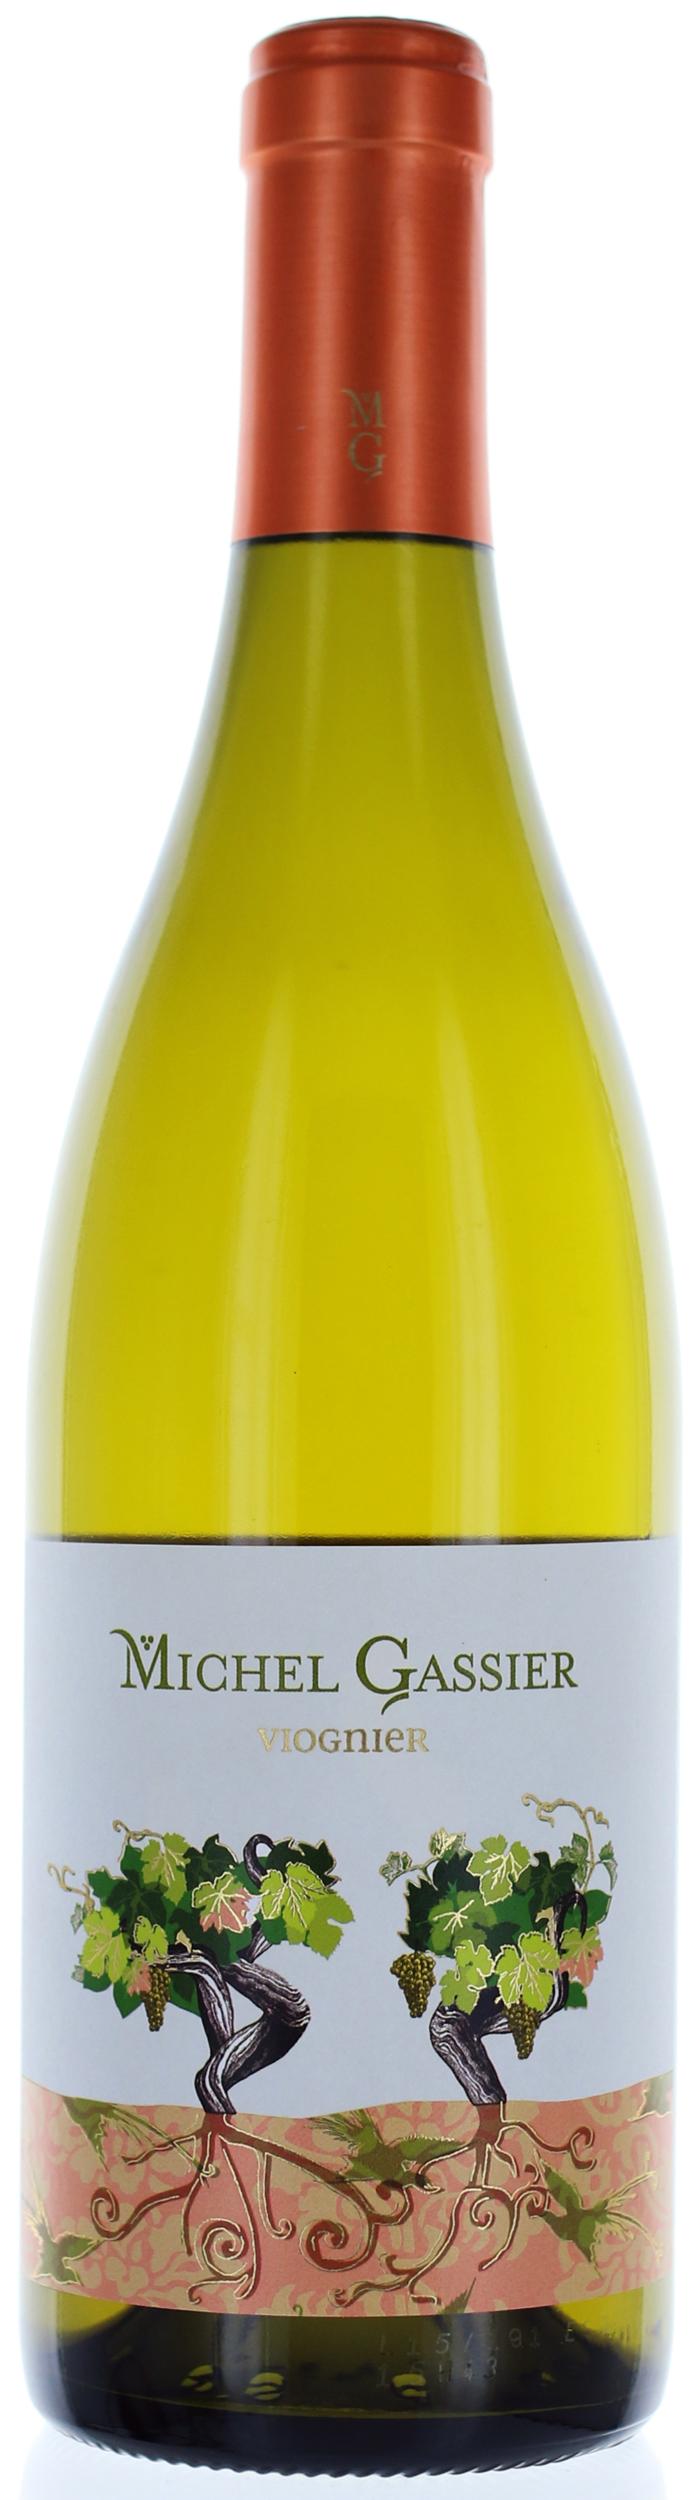 Vin de Pays - Viognier - Domaine Gassier - 2019